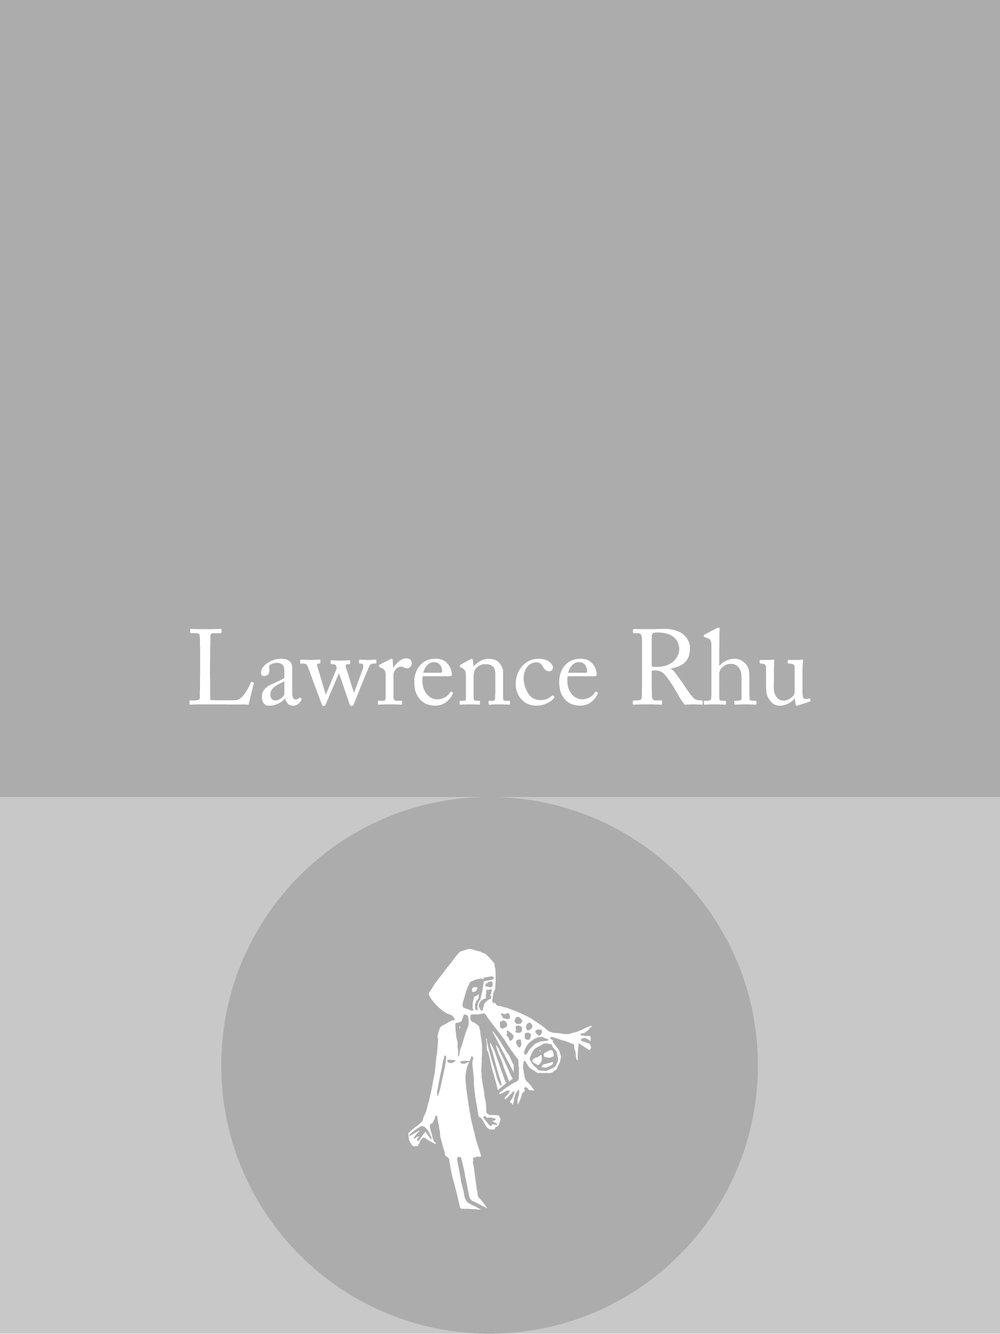 LawrenceRhu.jpg